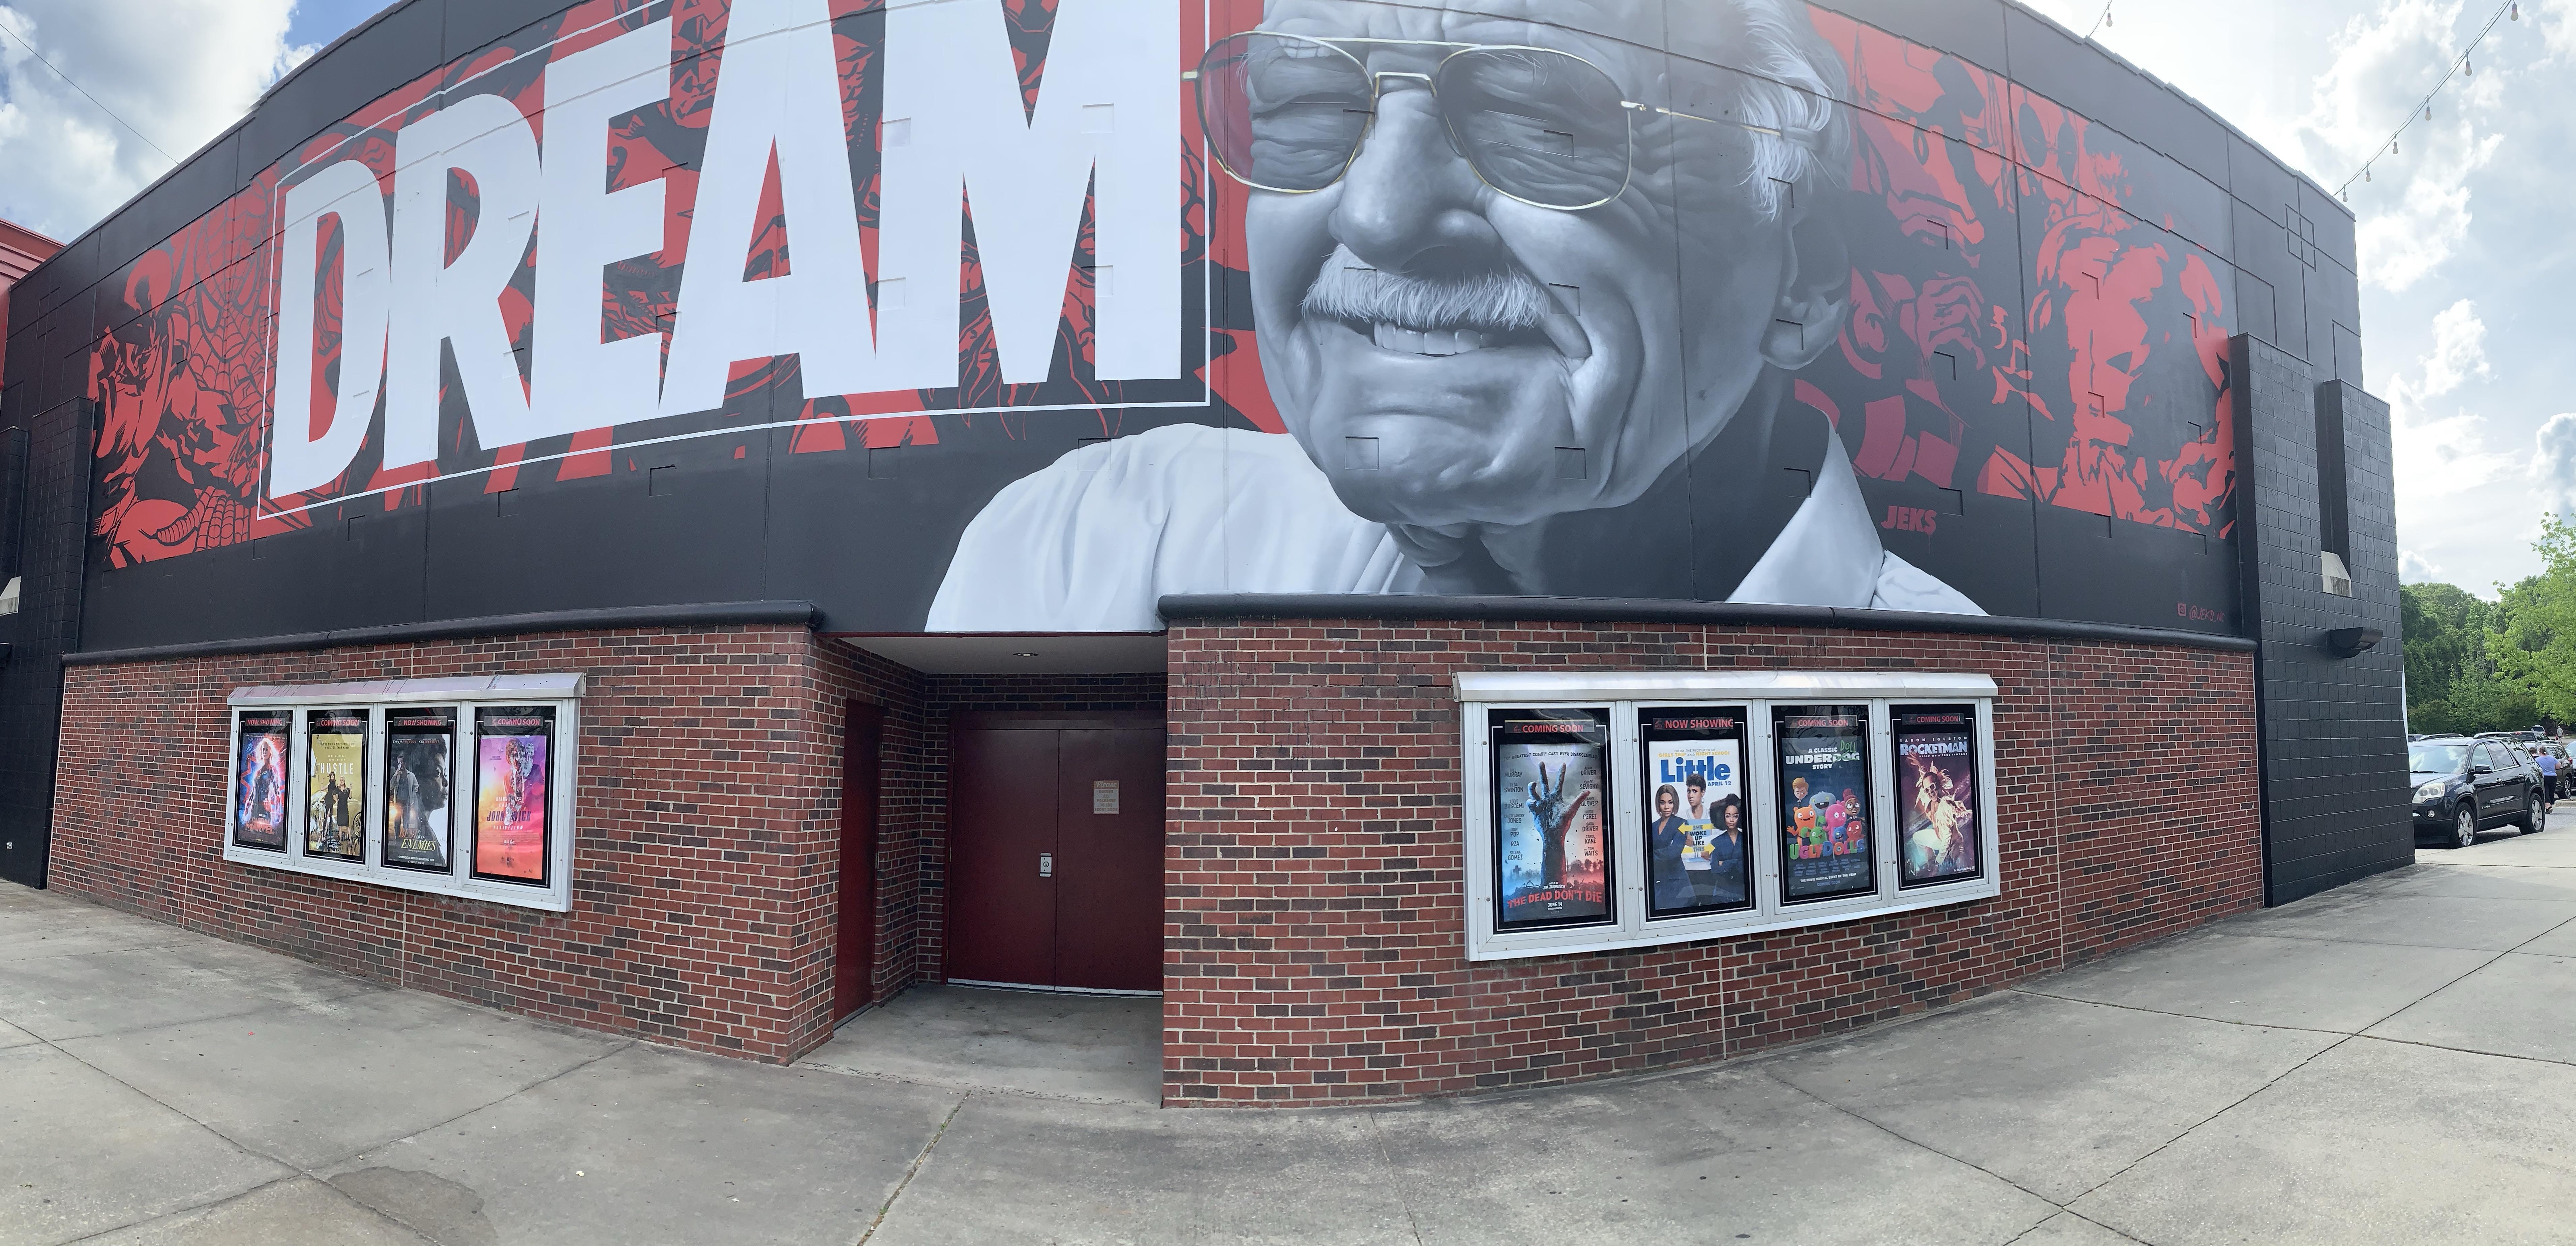 Stan Lee - mural